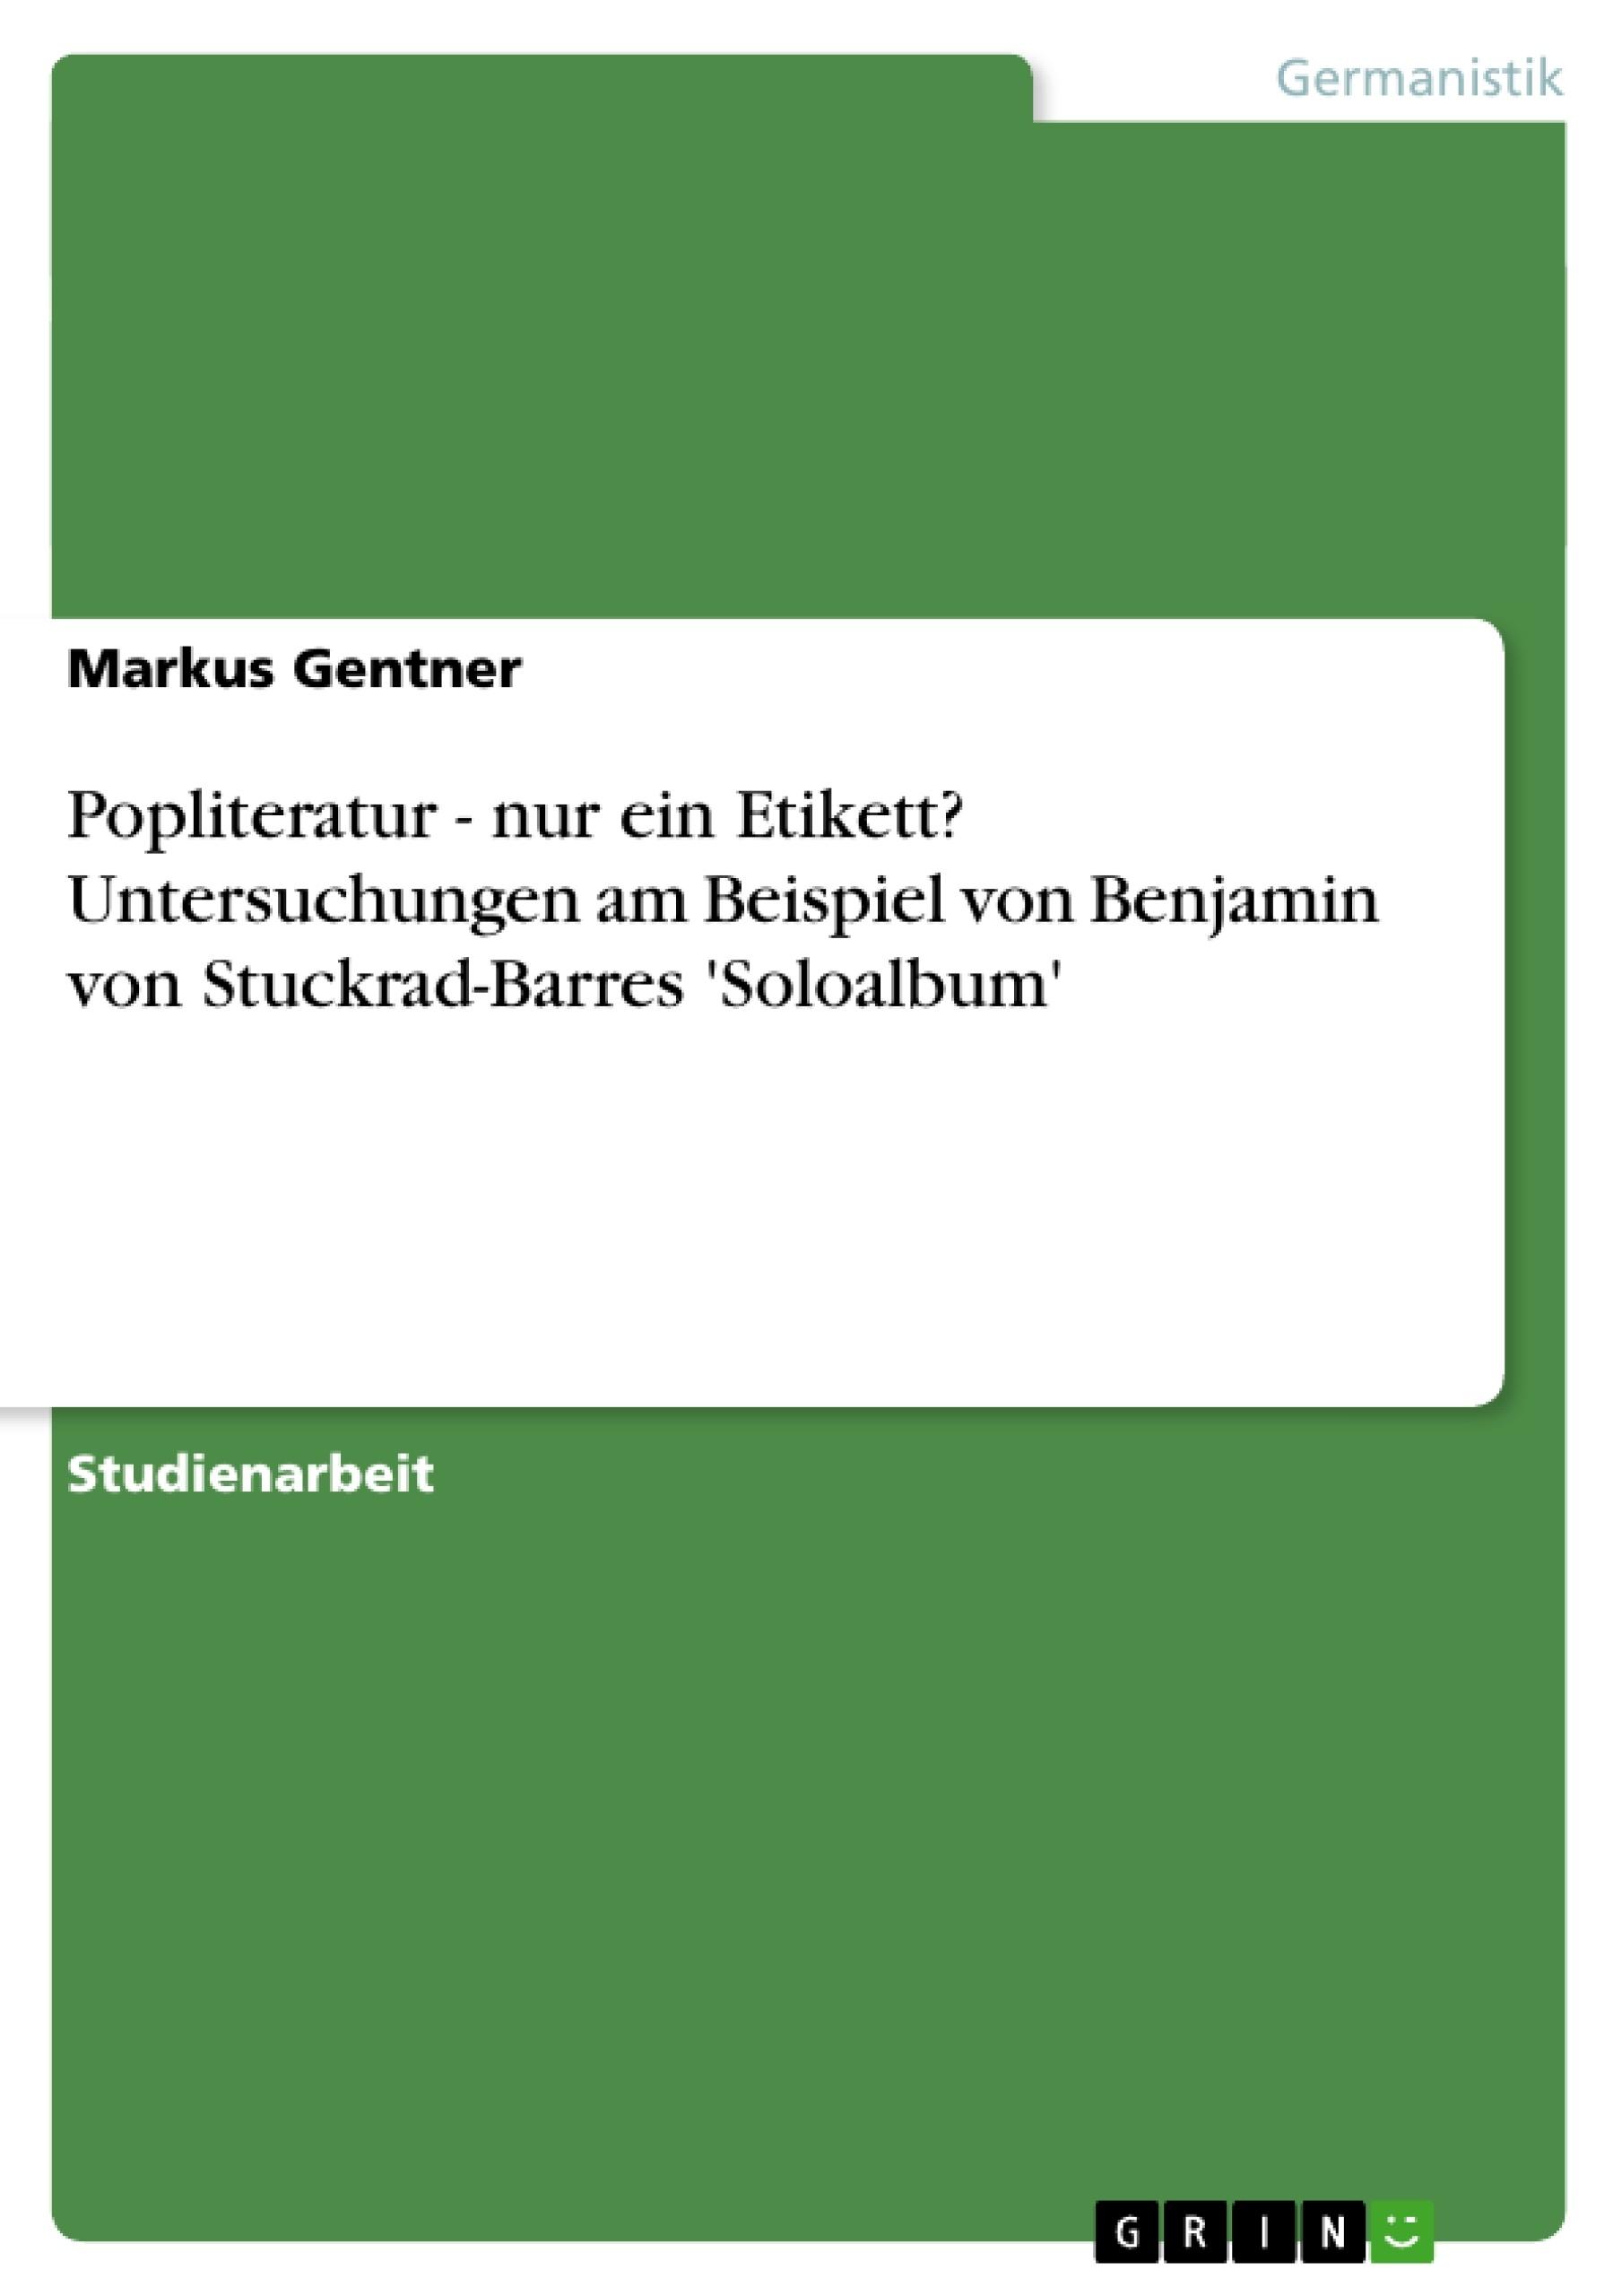 Titel: Popliteratur - nur ein Etikett? Untersuchungen am Beispiel von Benjamin von Stuckrad-Barres 'Soloalbum'